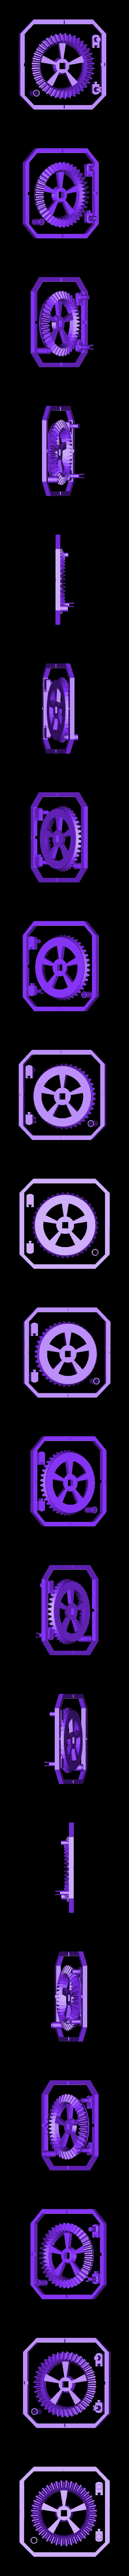 recordplayer_set_3.stl Télécharger fichier STL gratuit Lecteur vinyle coudé à la main • Design à imprimer en 3D, Tramgonce